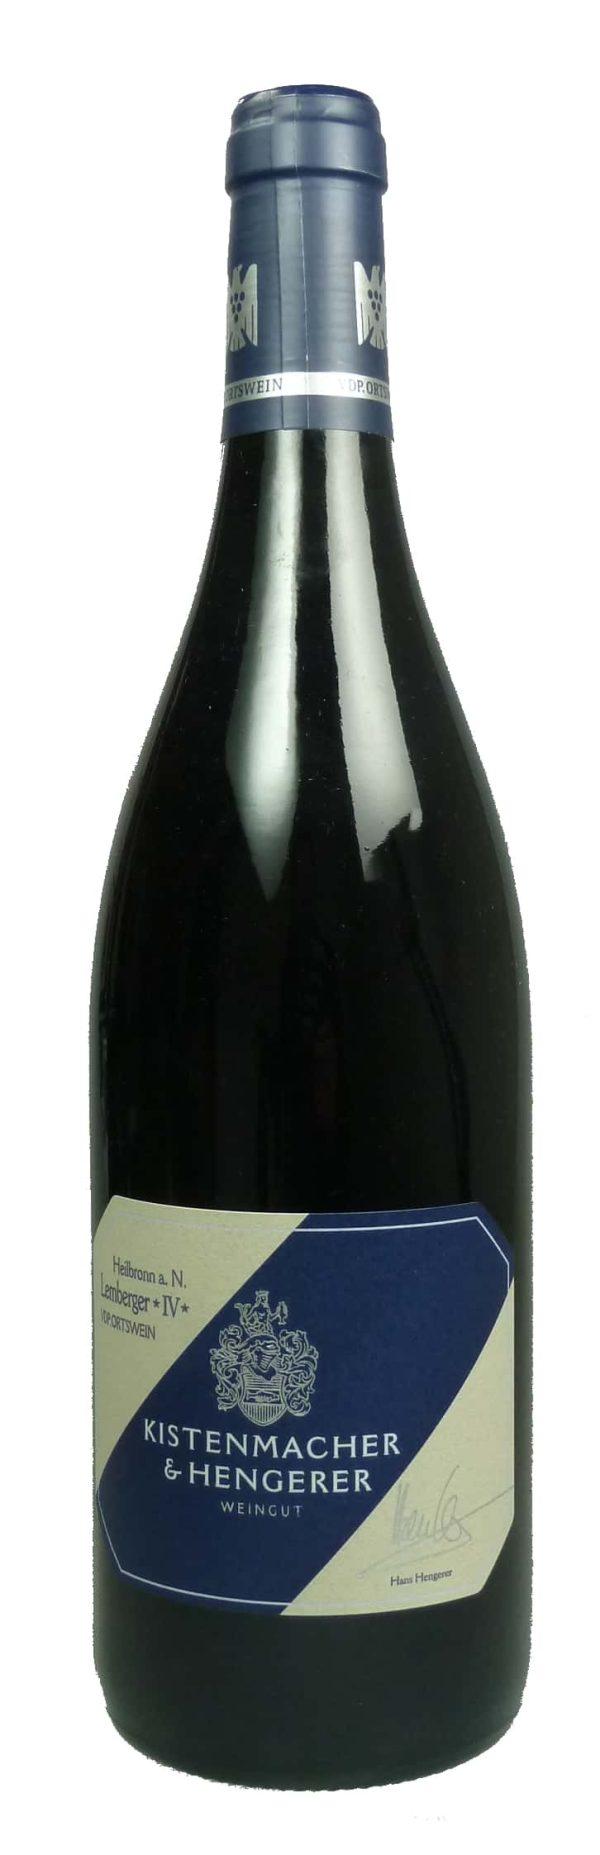 Lemberger IV von alten Reben Qualitätswein trocken  2015